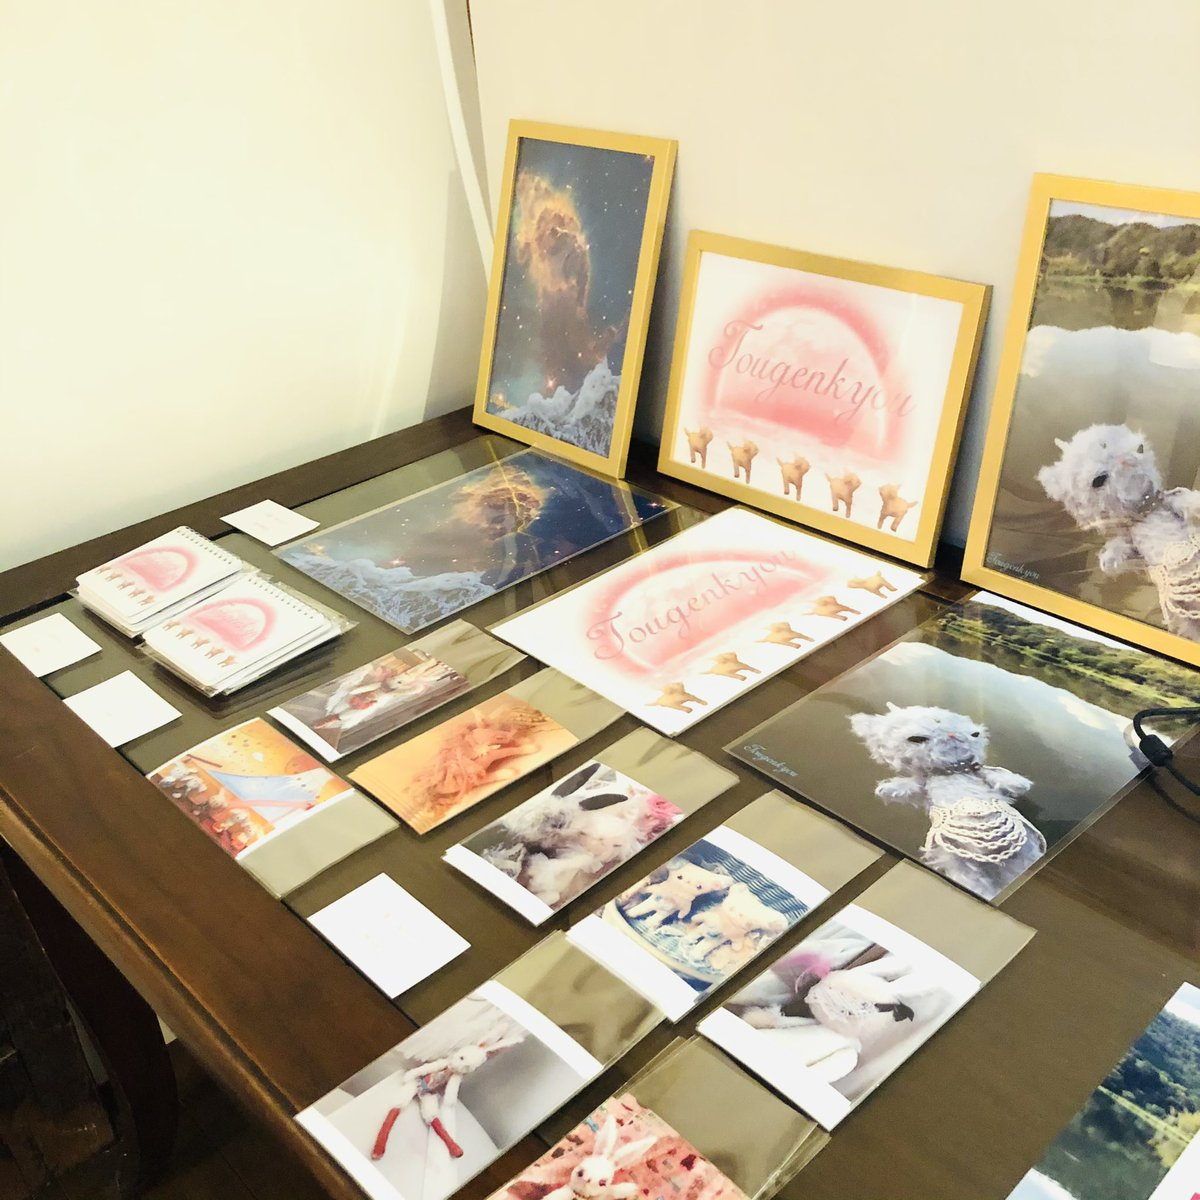 test ツイッターメディア - 本日個展2日目です❣️今回即売出来る物は過去作品の写真や狛犬ちゃんのノート、ダイアリーなどです☺️ダイアリーは4月始まりなので良かったらどうぞです☺️その他に夜店の様にその場で作ってるちょっとした手作りグッズもございますw  #桃源郷 #個展 #幻想世界 https://t.co/Vzg0NGVi6p